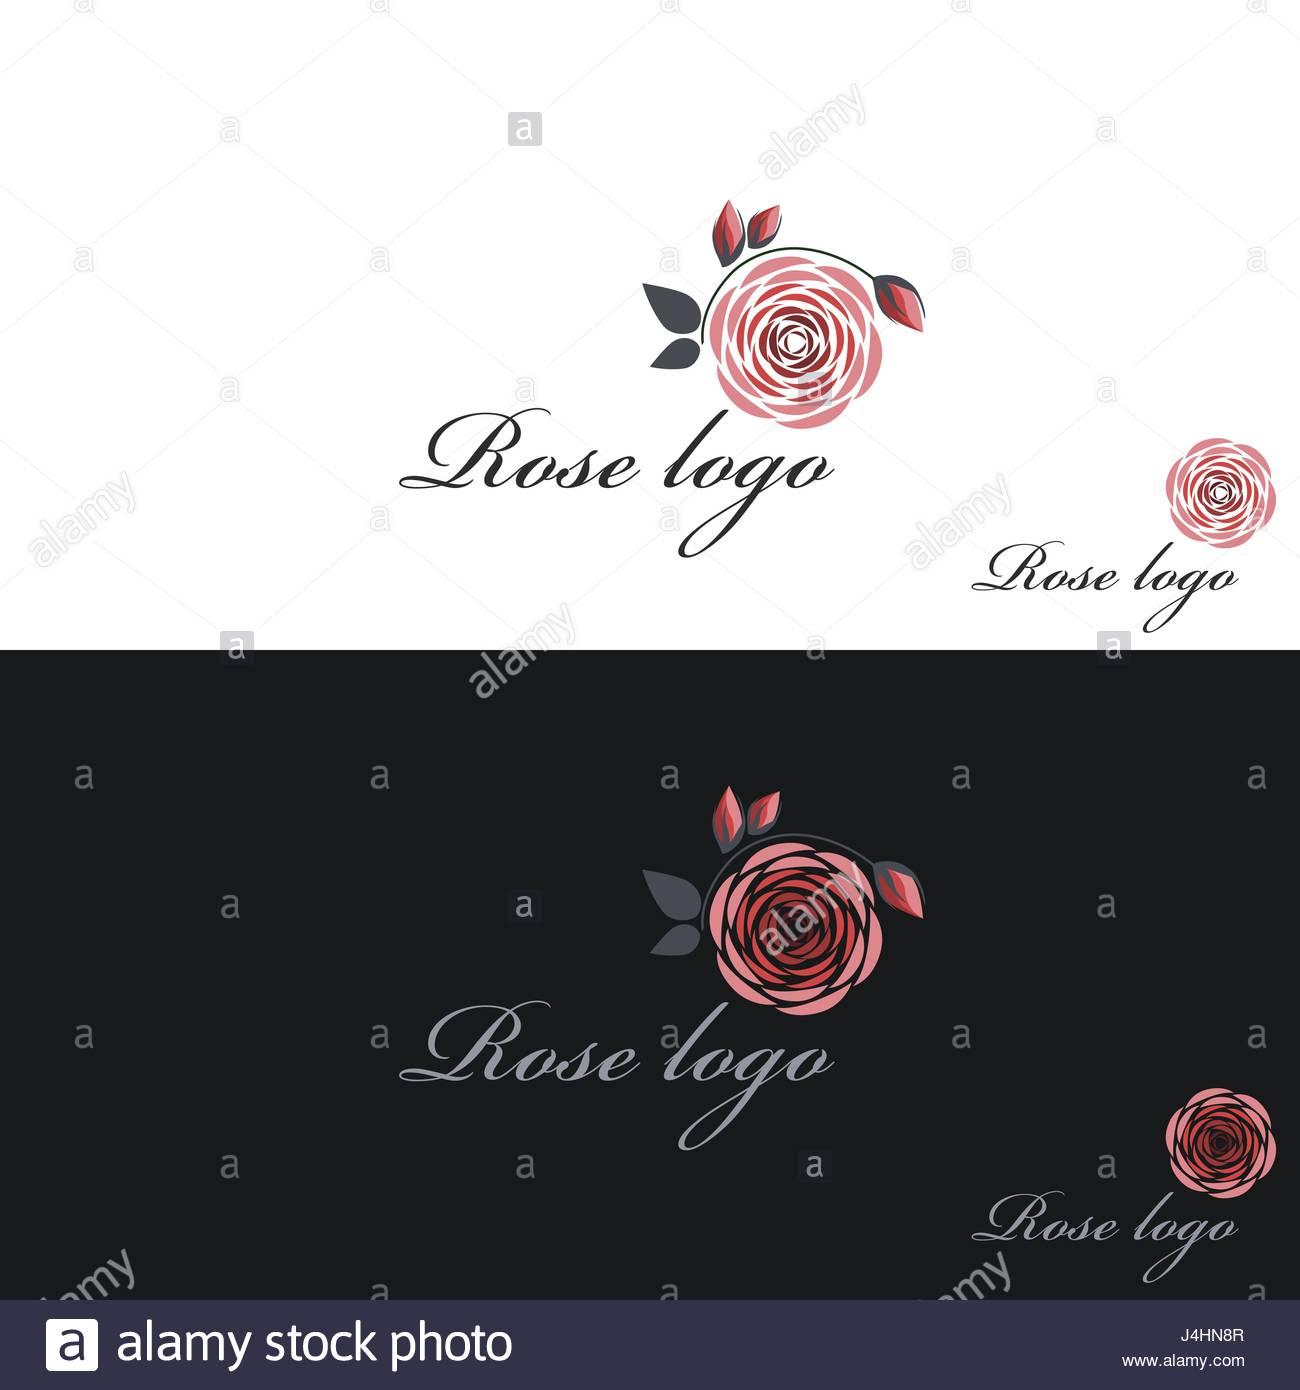 Rose Logo Vector Clipart White Black Background Stock Vector Art